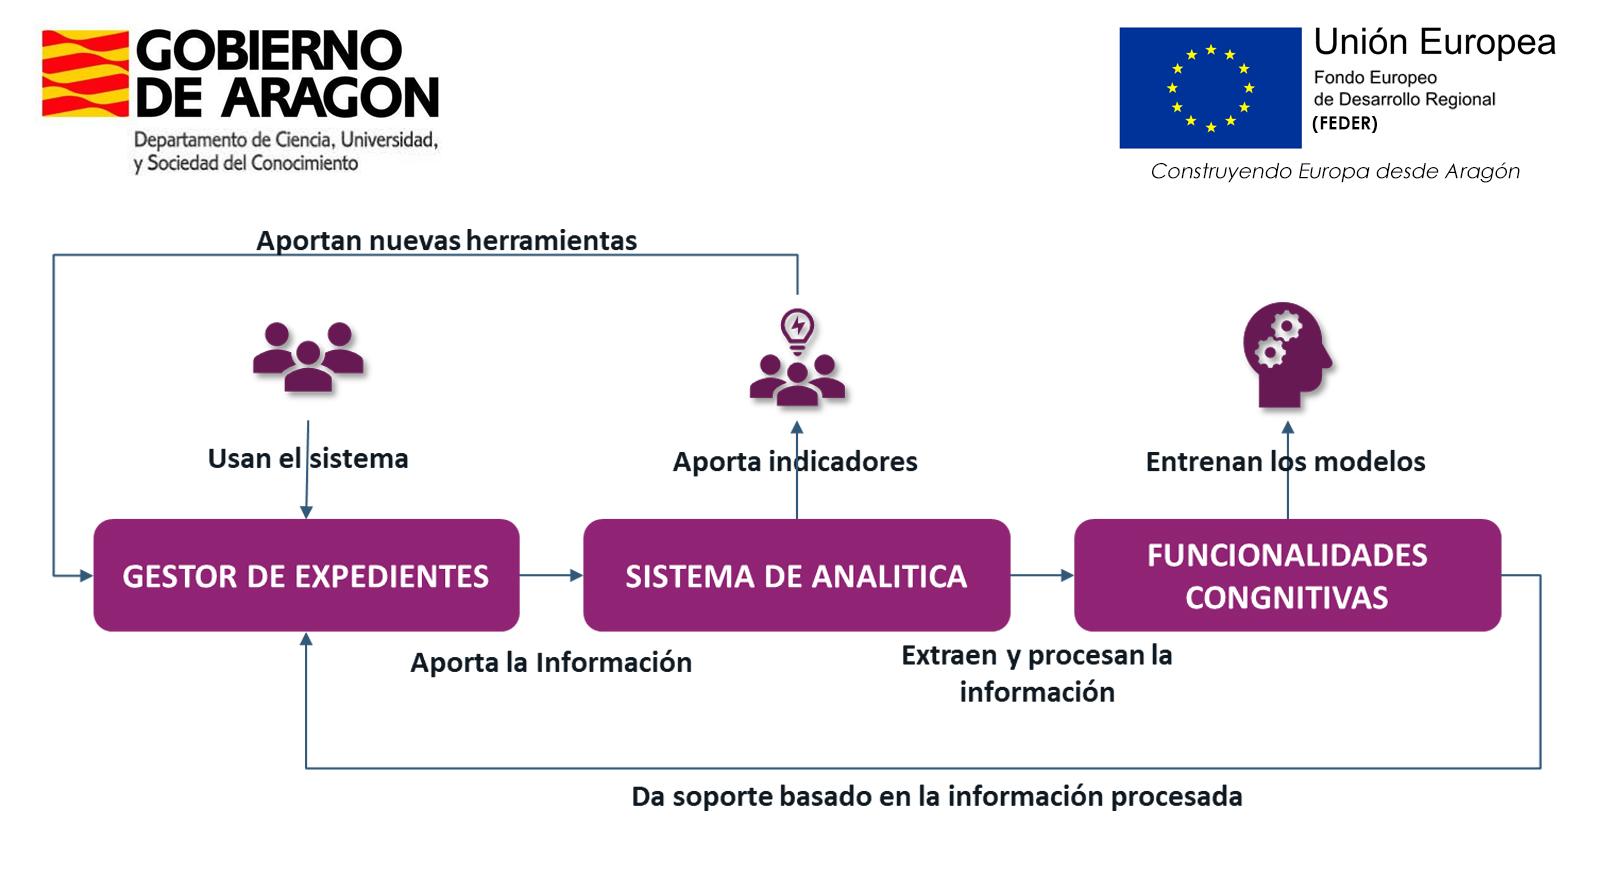 Gestor de Expedientes Gobierno de Aragon